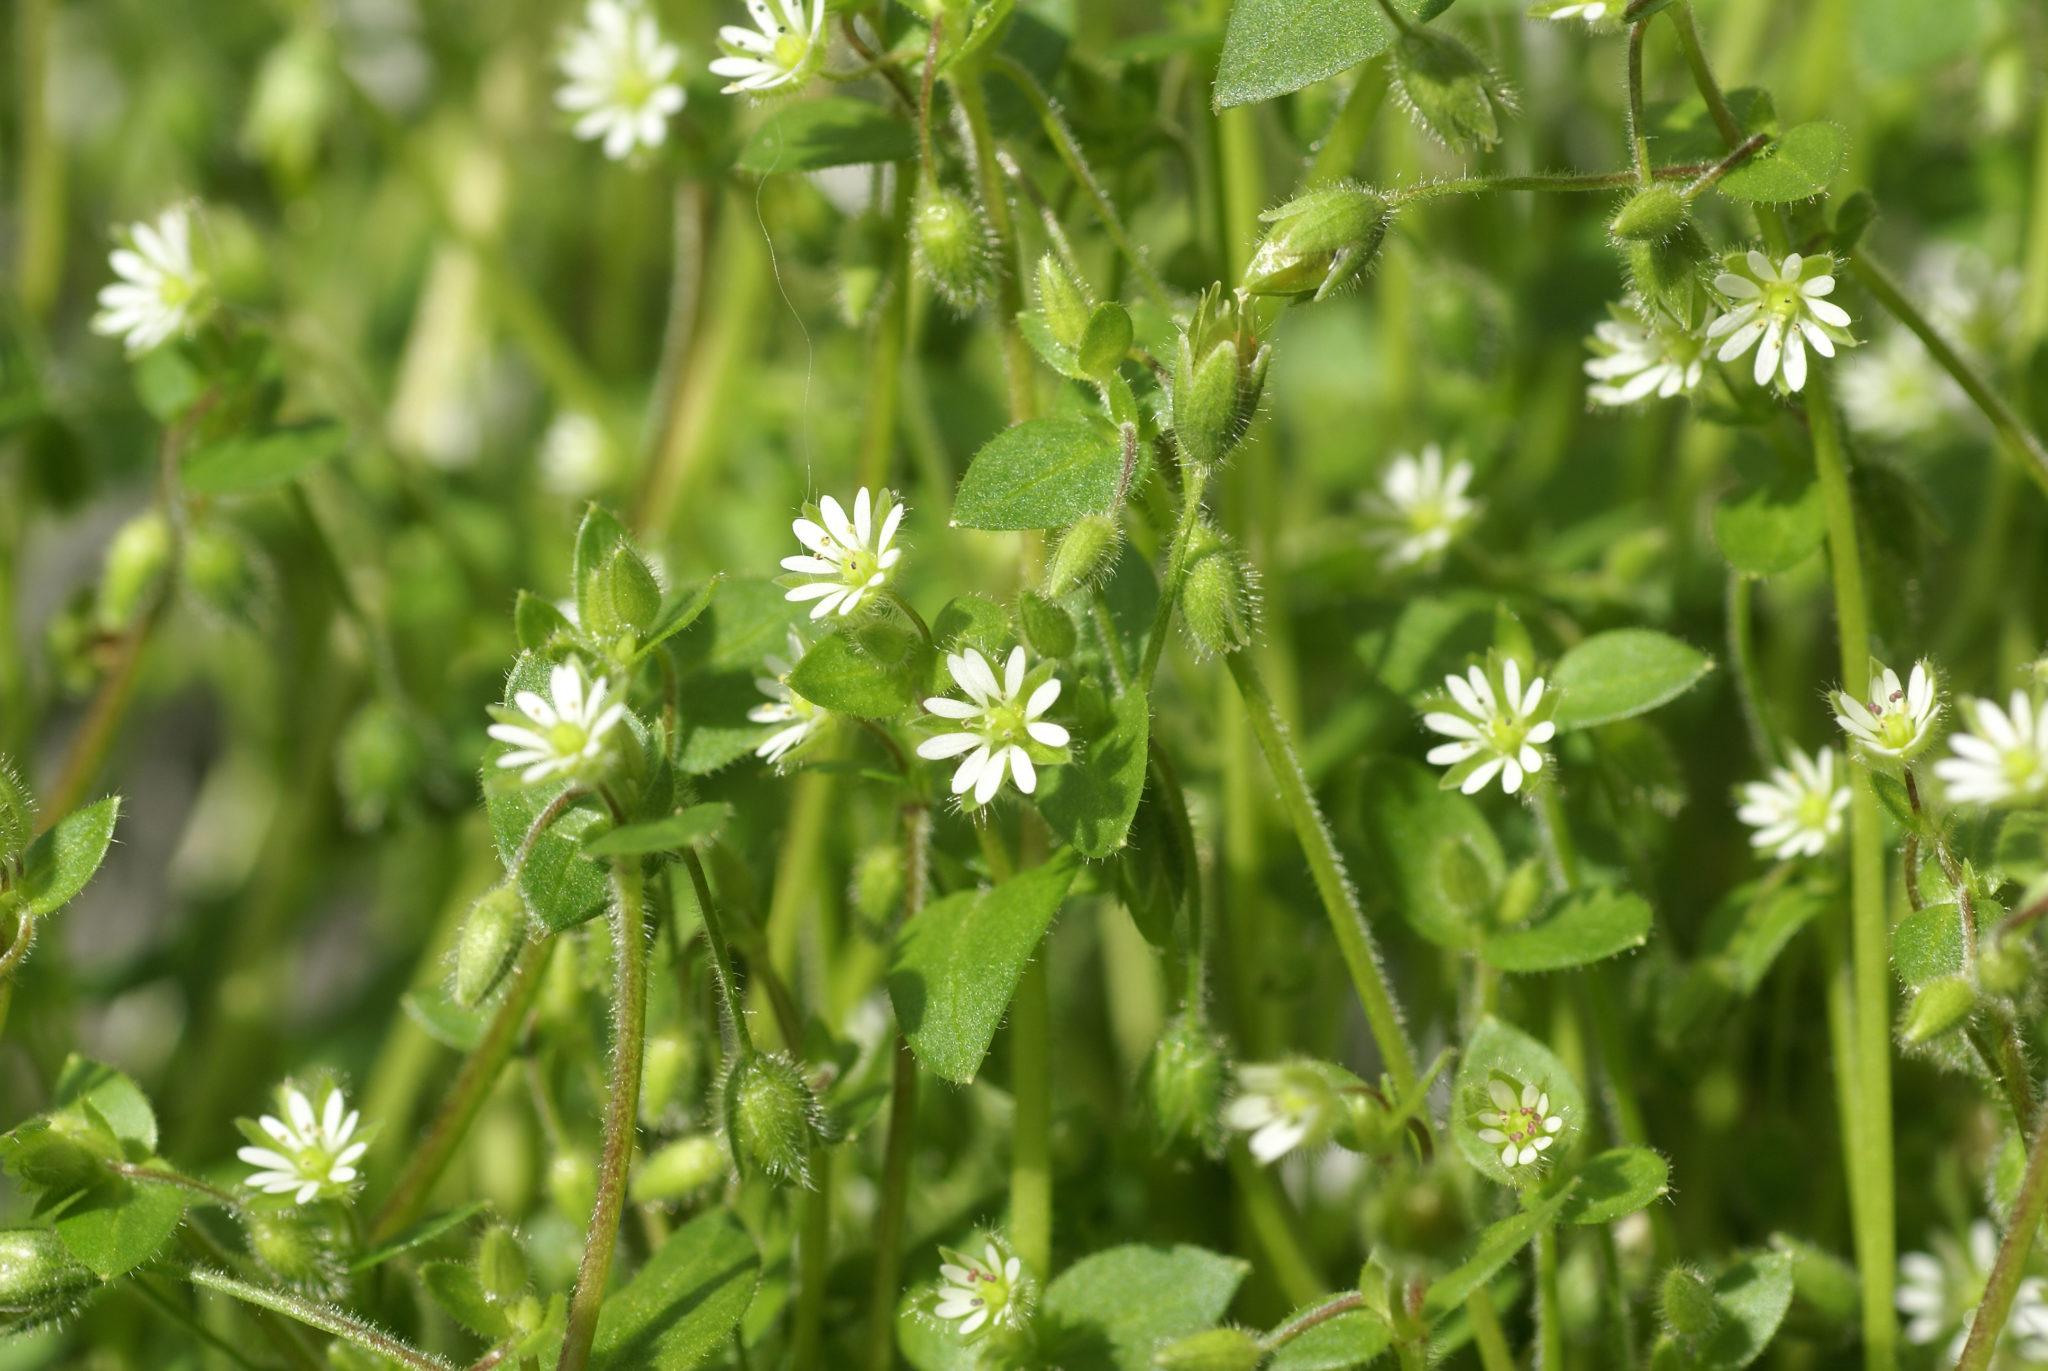 Eiförmig, spitz zulaufendes Blatt, weiße, sternförmige Blüte